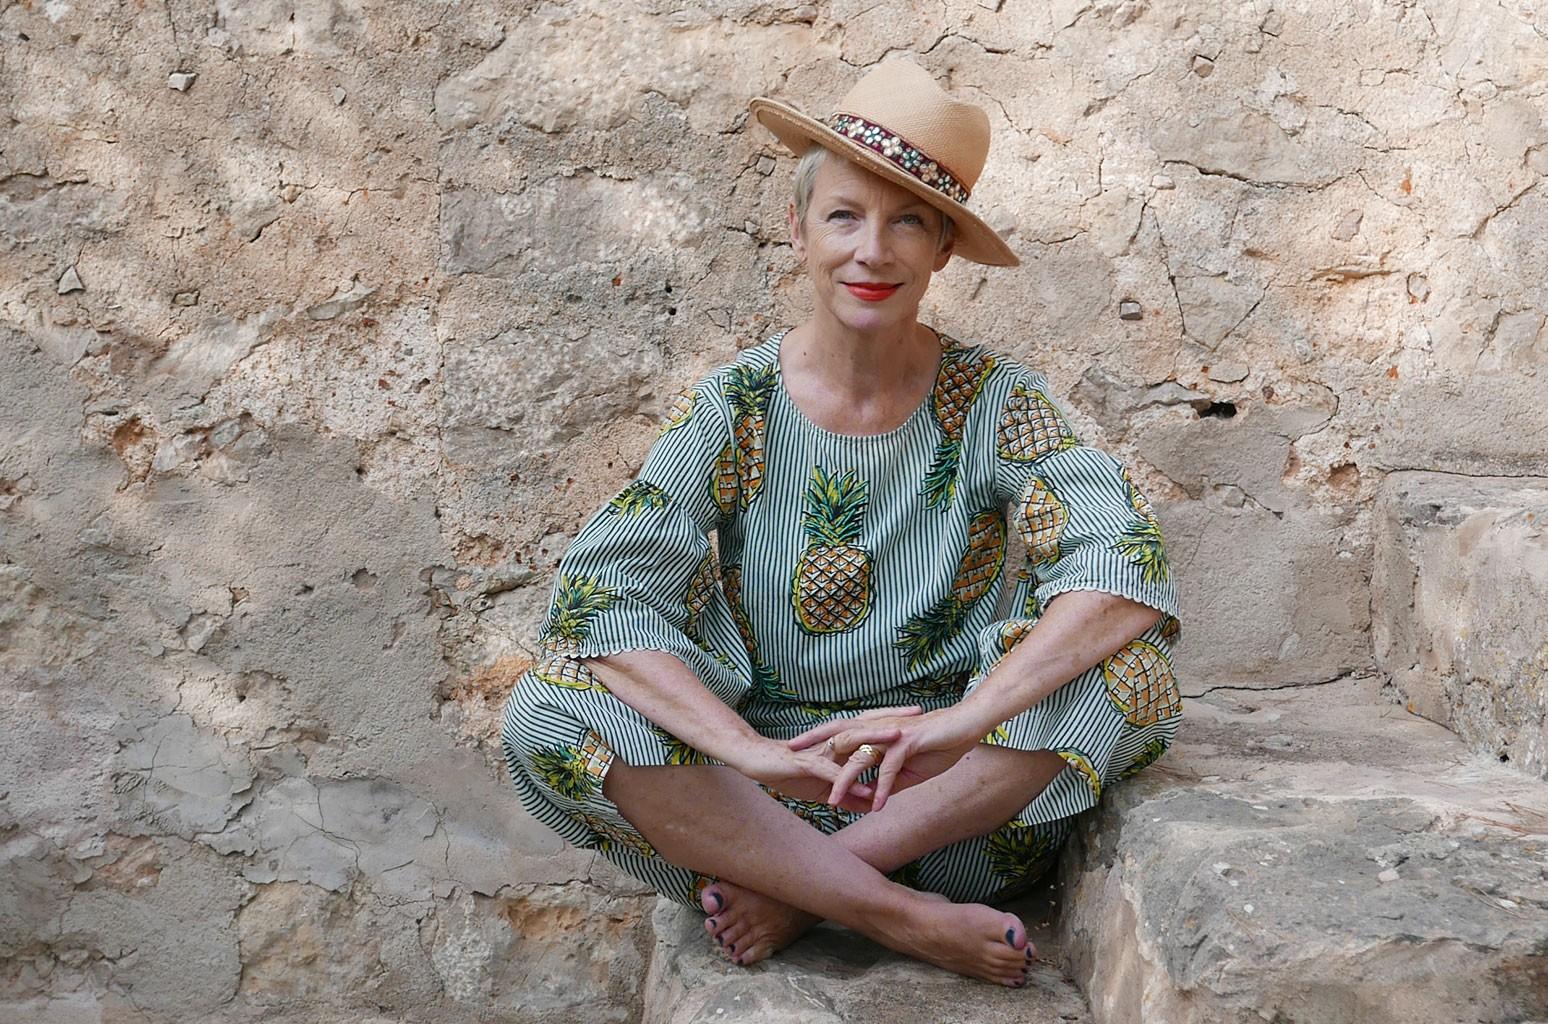 Annie Lennox